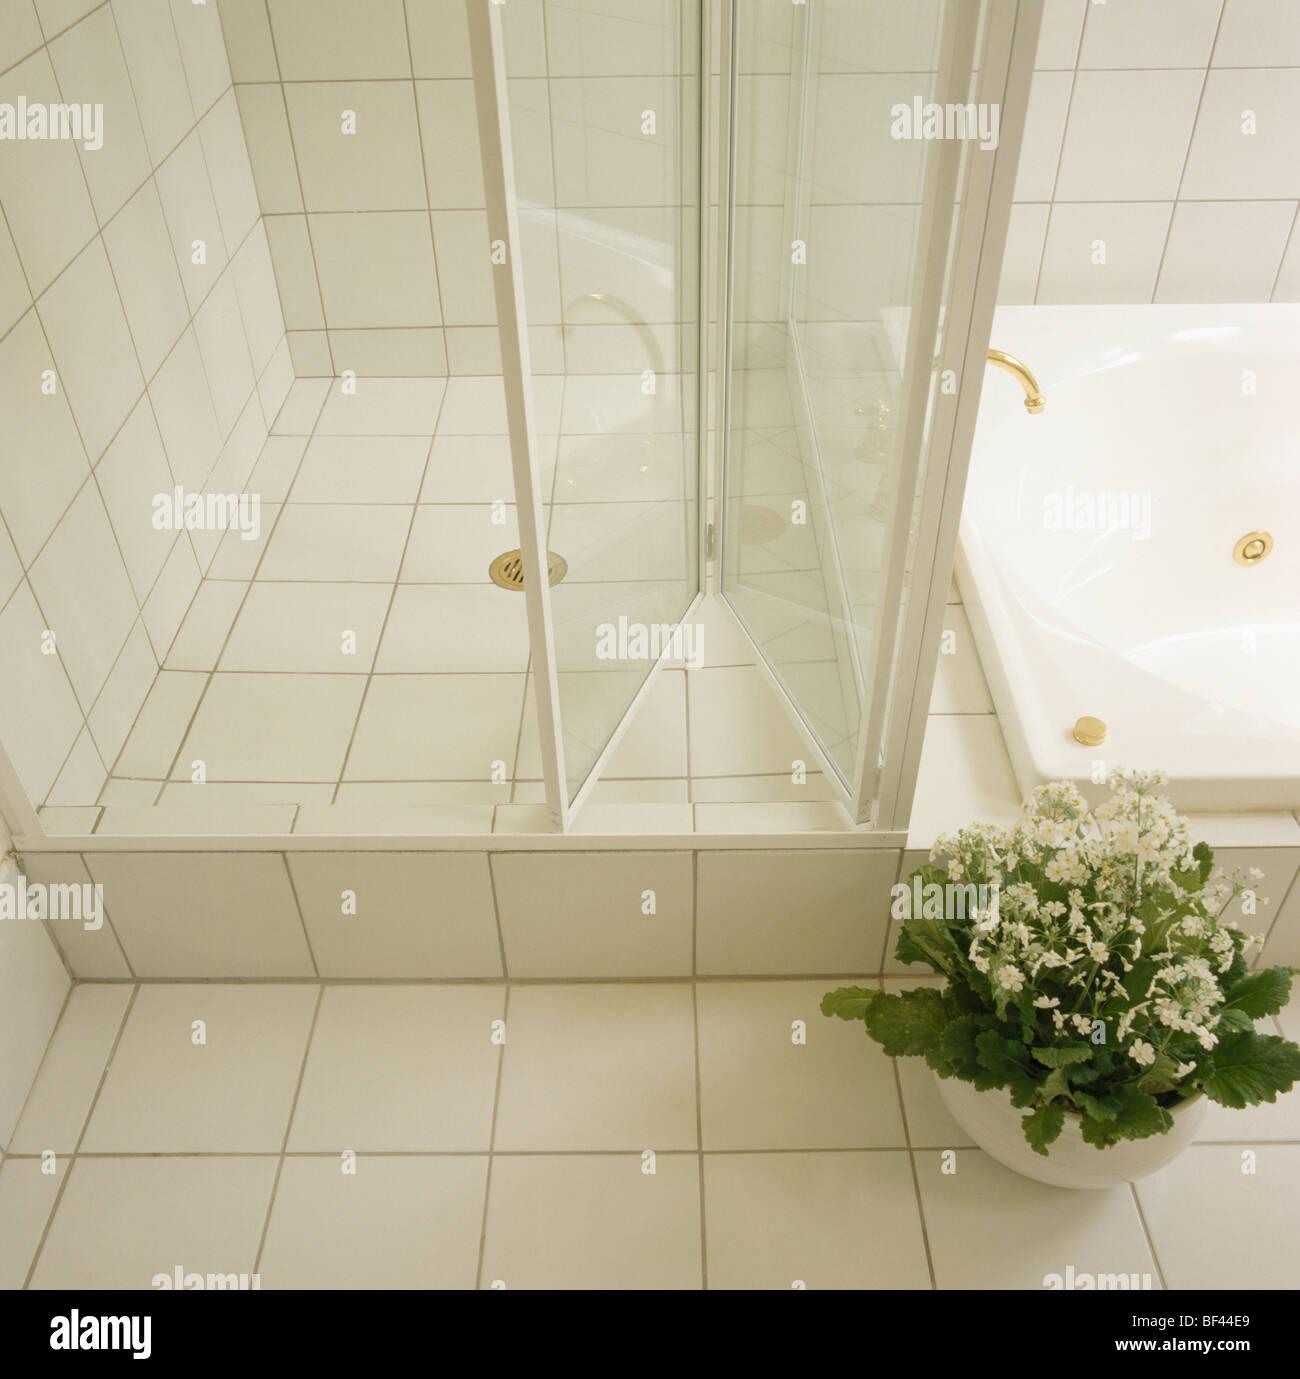 Geflieste Dusche nahaufnahme der weiß blühende zimmerpflanze neben glas falttüren auf